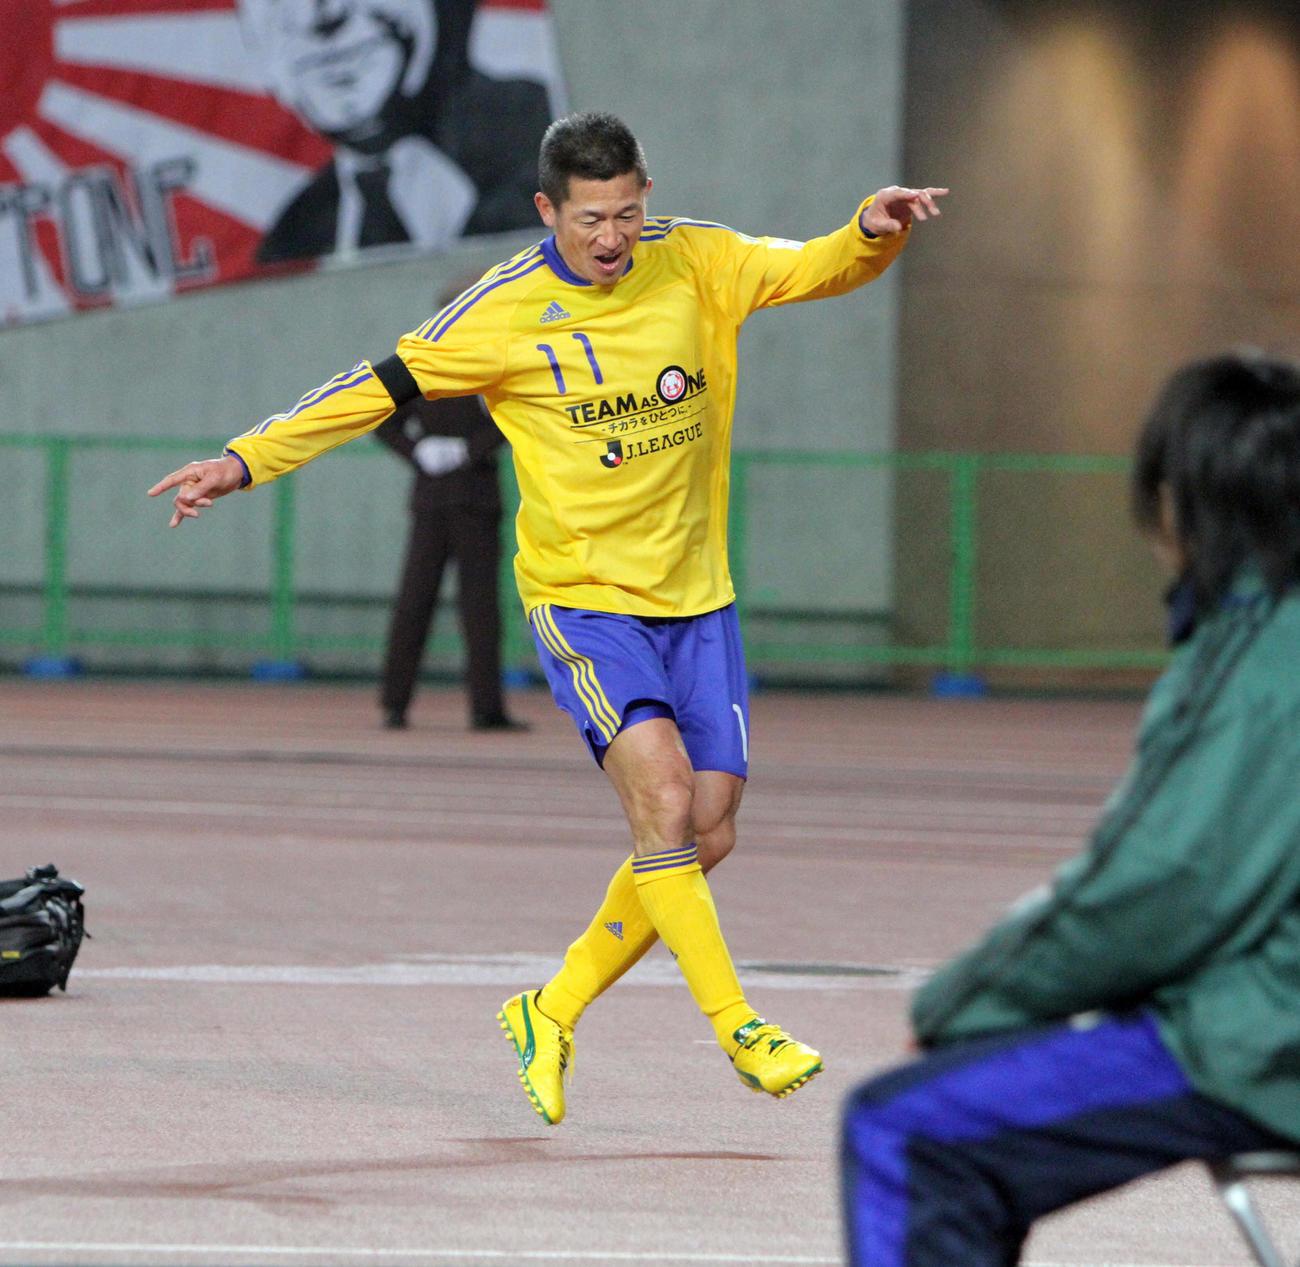 東日本大震災復興支援チャリティーマッチの後半、ゴールを決めて「カズダンス」を踊るカズ(三浦知良)(2011年3月29日撮影)